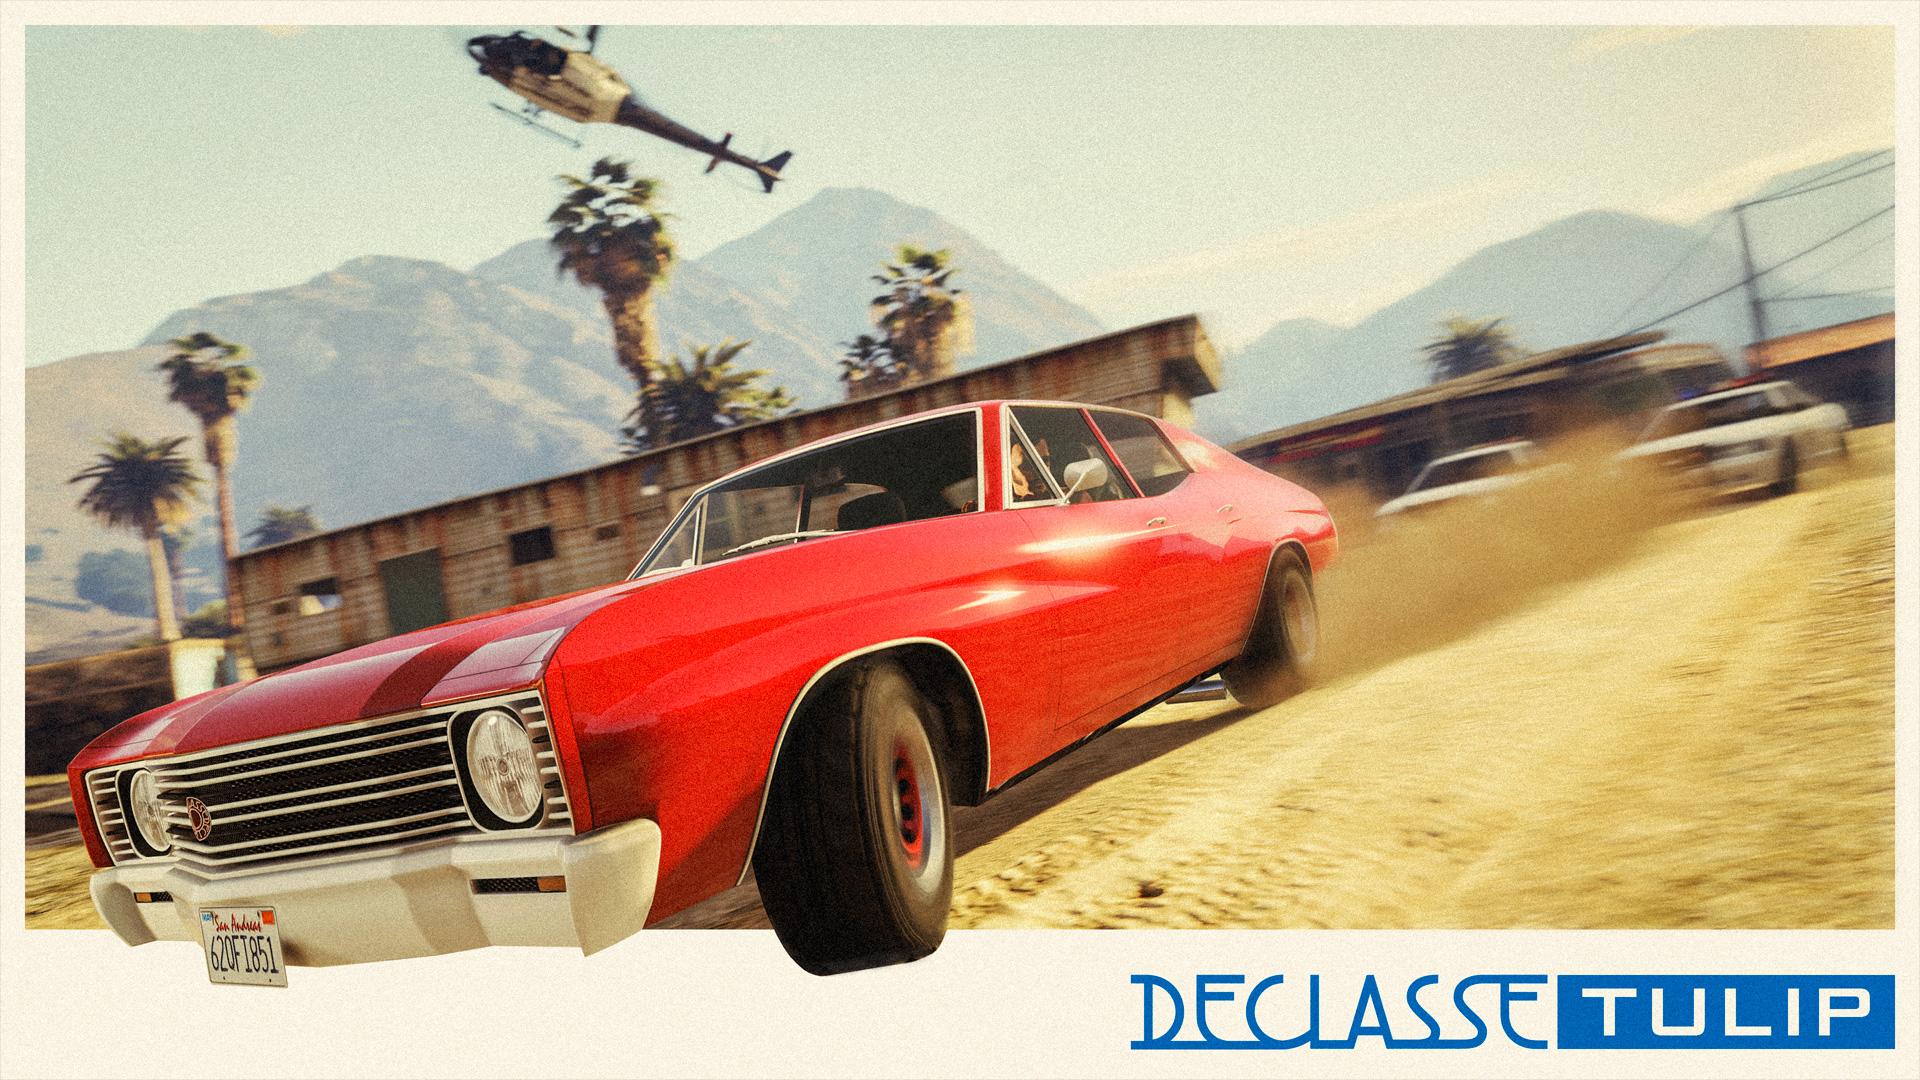 Grand Theft Auto online: nuove modalità a soldi doppi, e molte altre novità